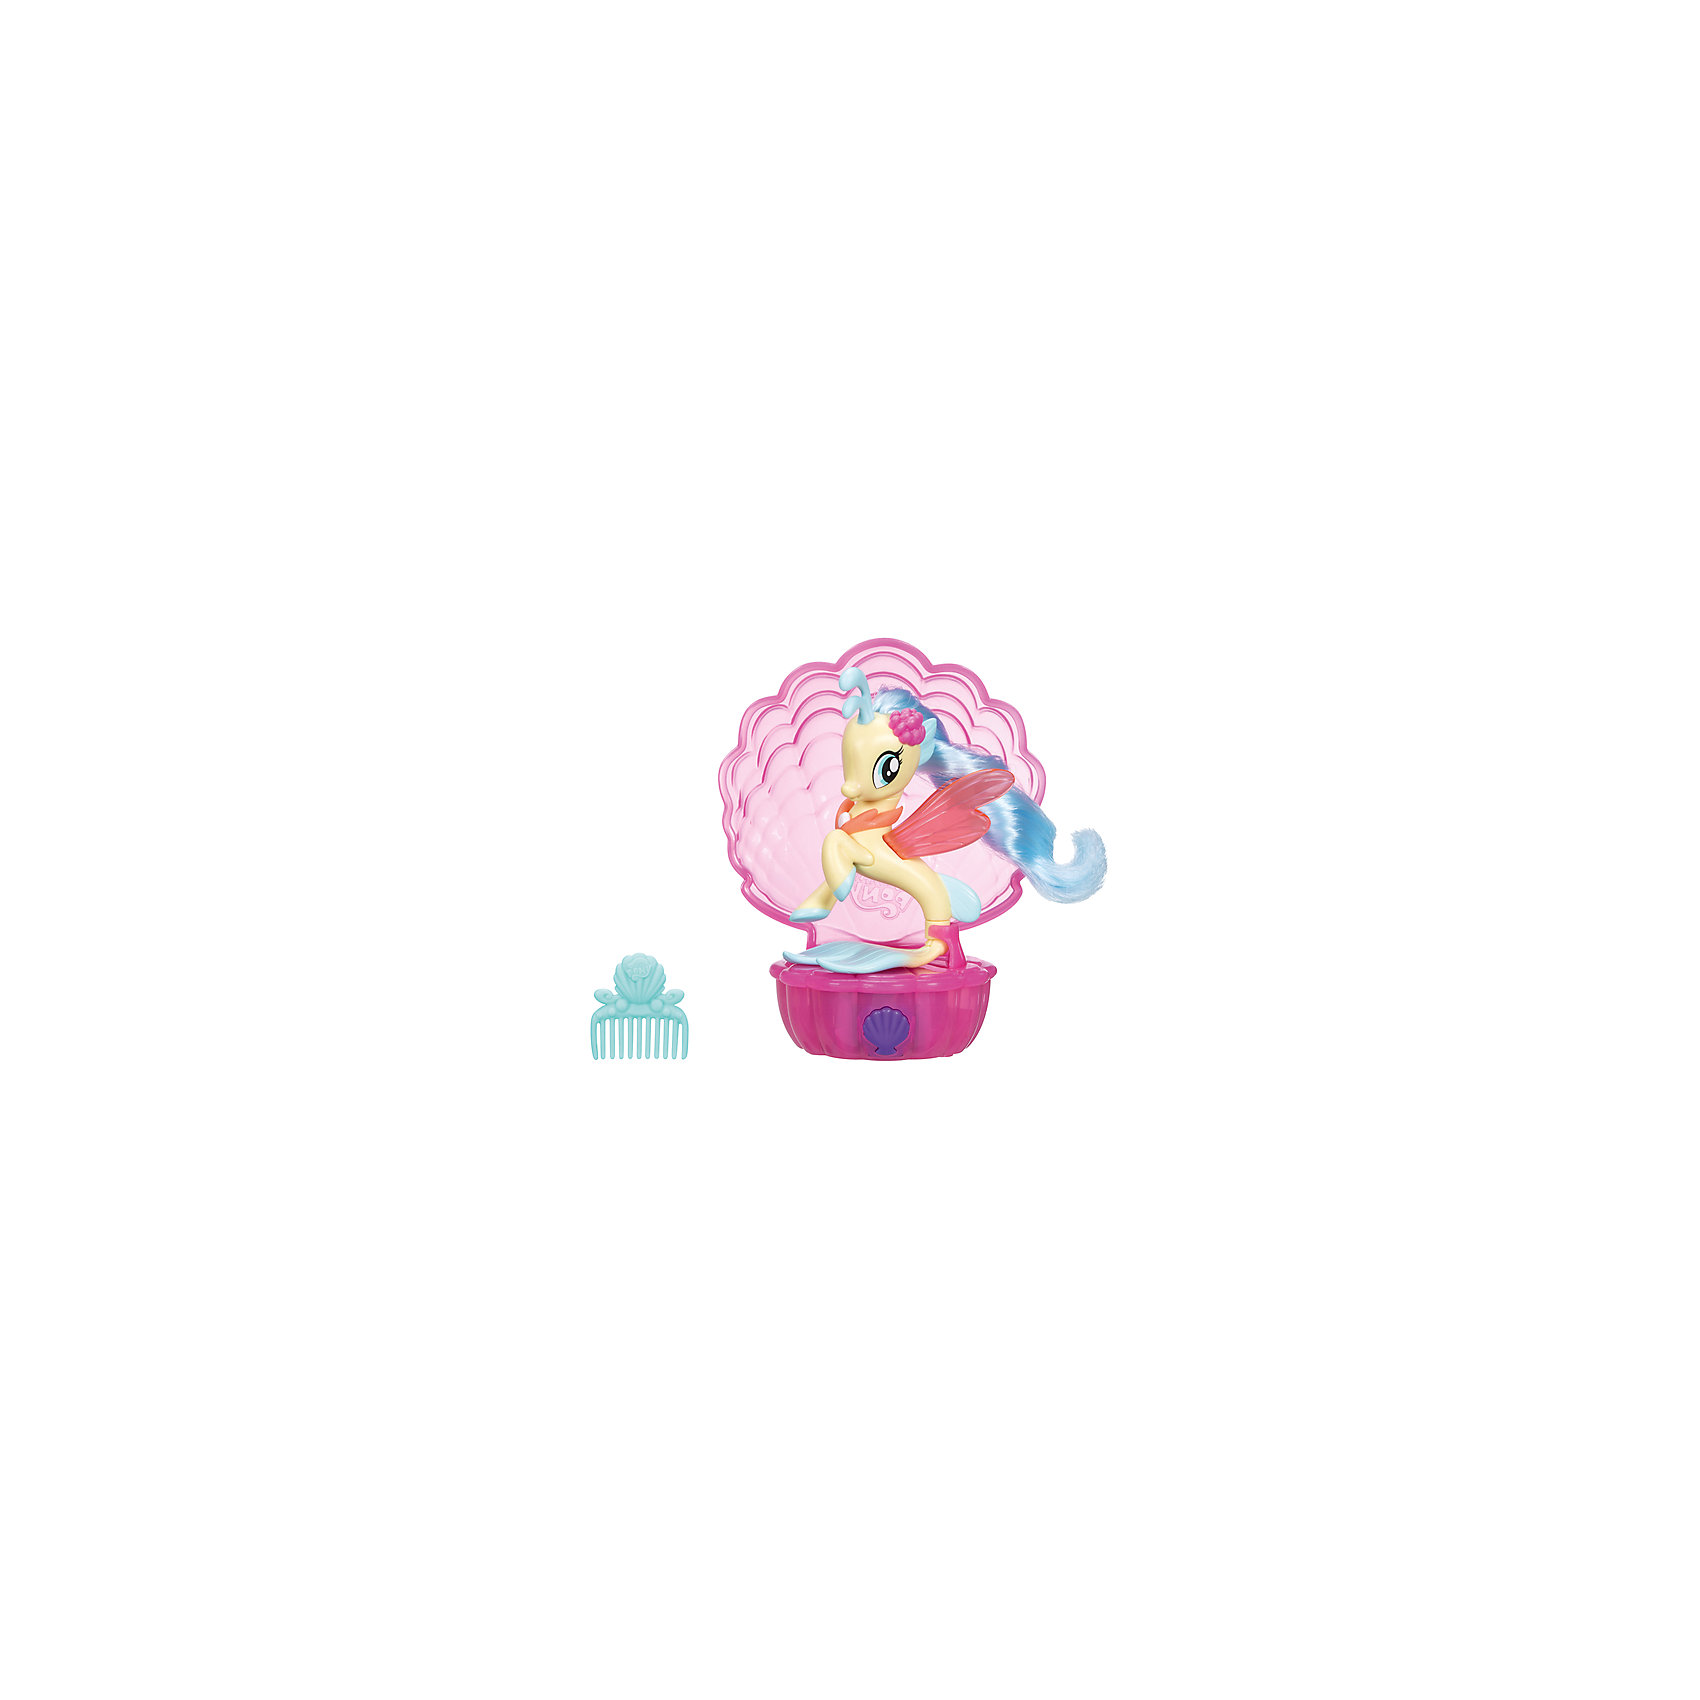 Мини-игровой набор Hasbro My Little Pony Мерцание, Принцесса СкайстарЛюбимые герои<br><br><br>Ширина мм: 9999<br>Глубина мм: 9999<br>Высота мм: 9999<br>Вес г: 9999<br>Возраст от месяцев: 36<br>Возраст до месяцев: 120<br>Пол: Женский<br>Возраст: Детский<br>SKU: 7097991